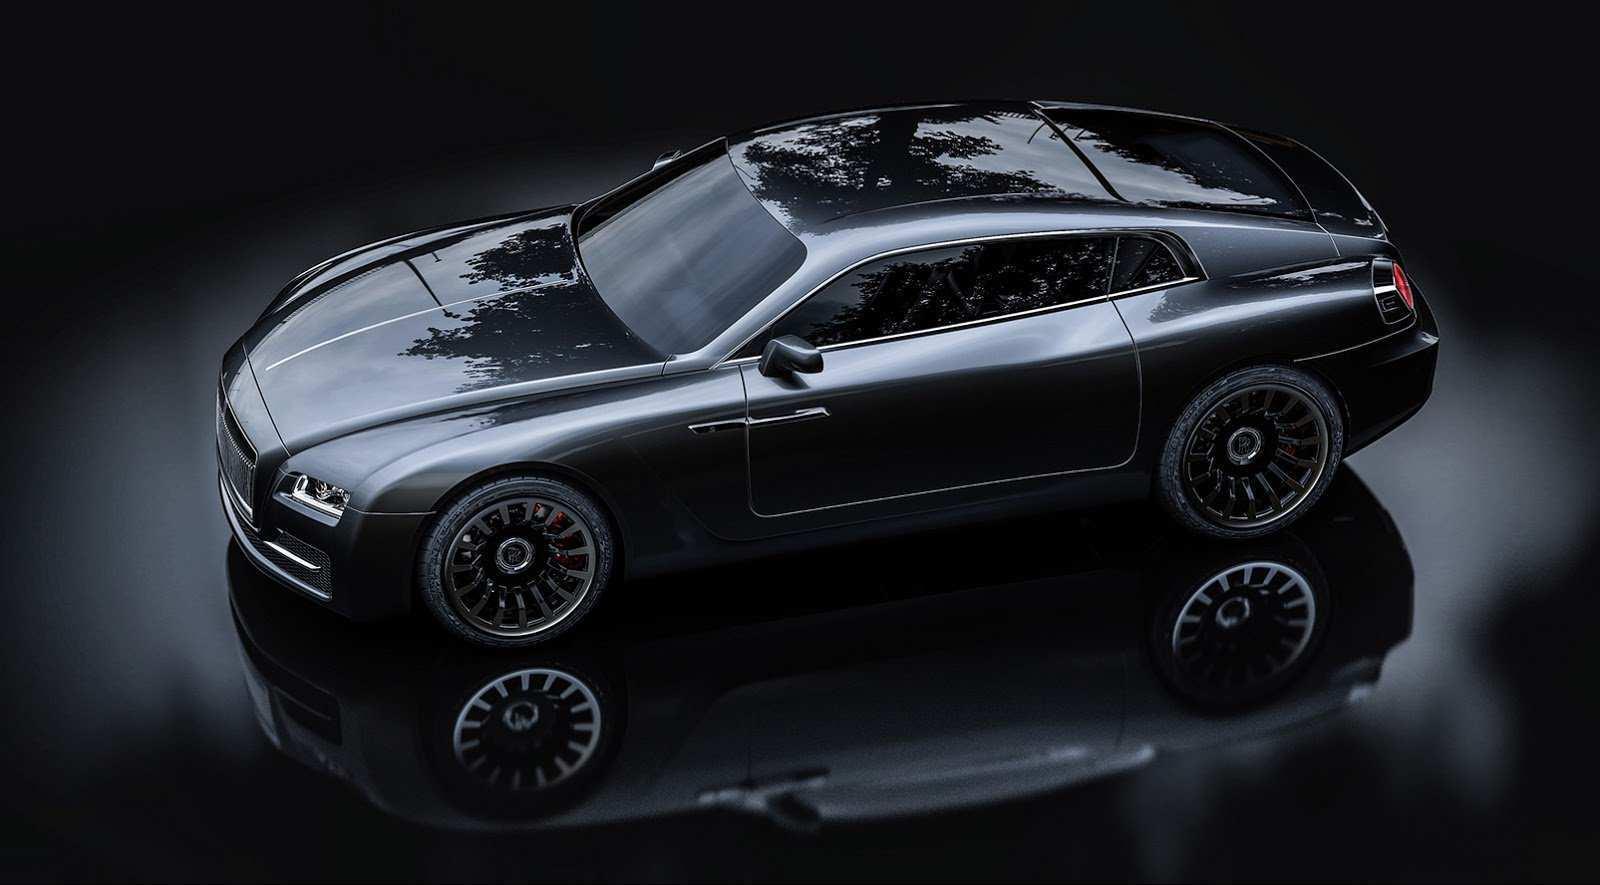 12 The 2020 Rolls Royce Wraith Ratings with 2020 Rolls Royce Wraith